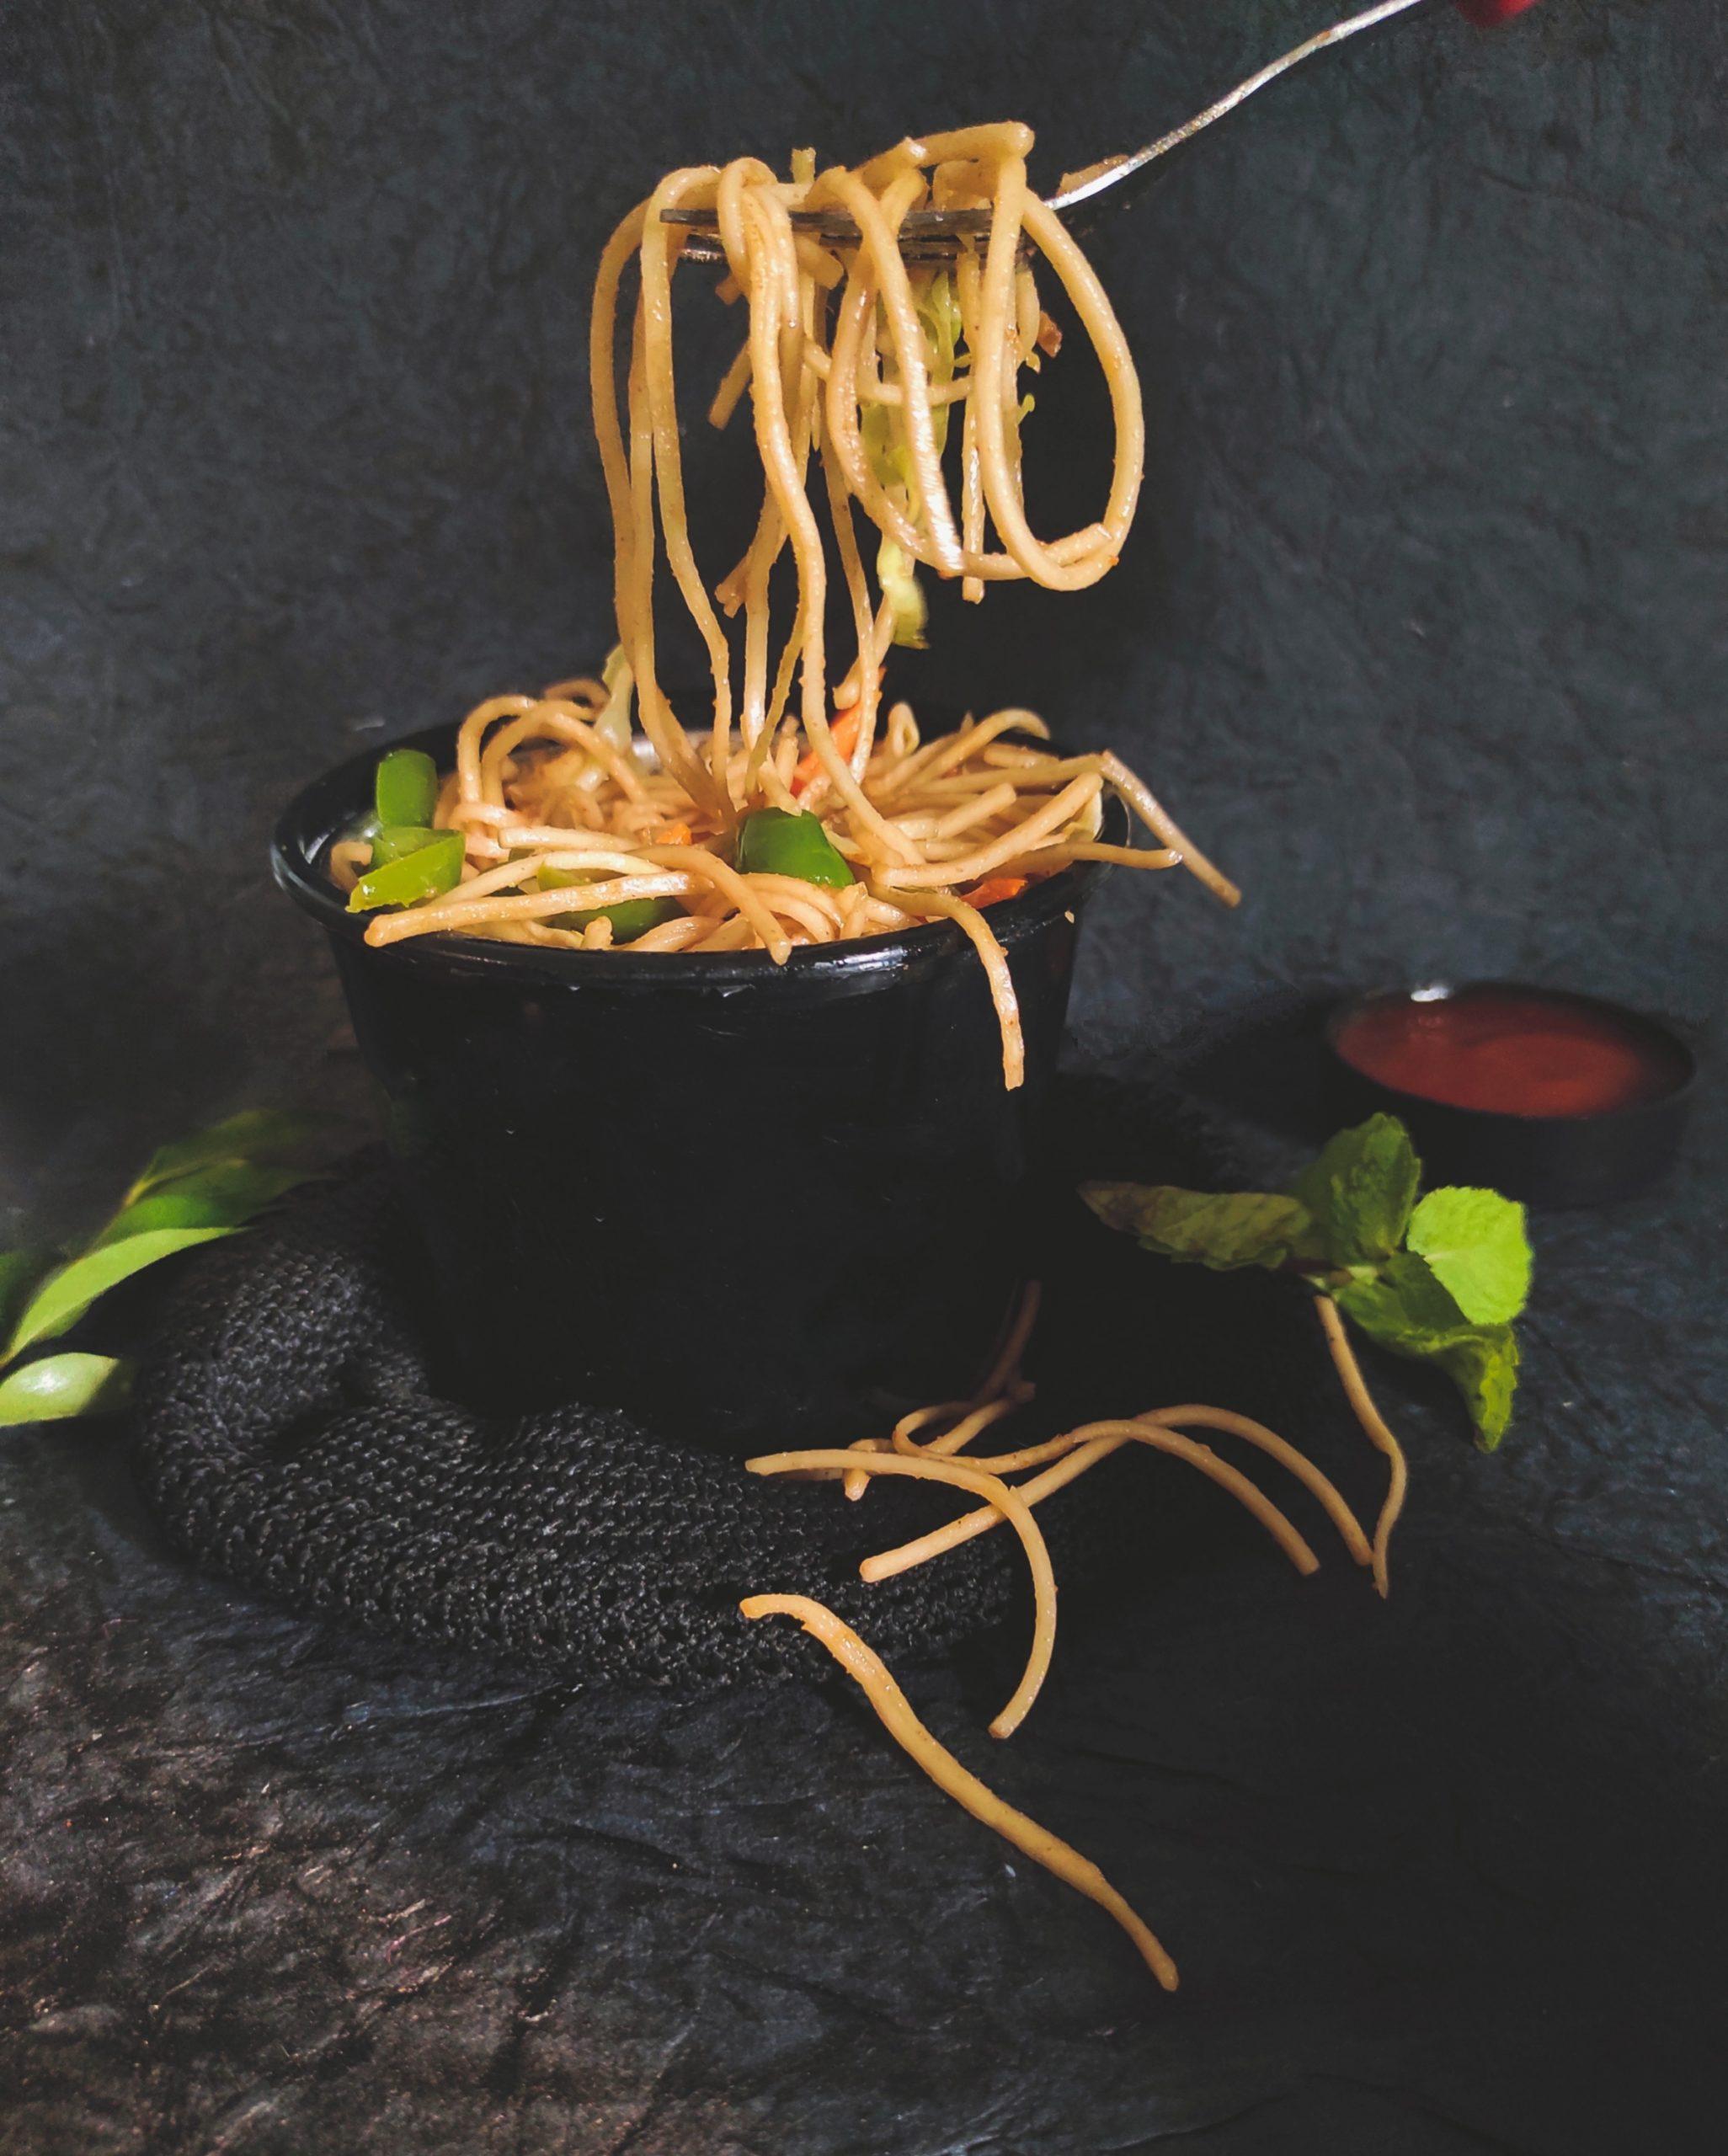 Veg noodles in a bowl